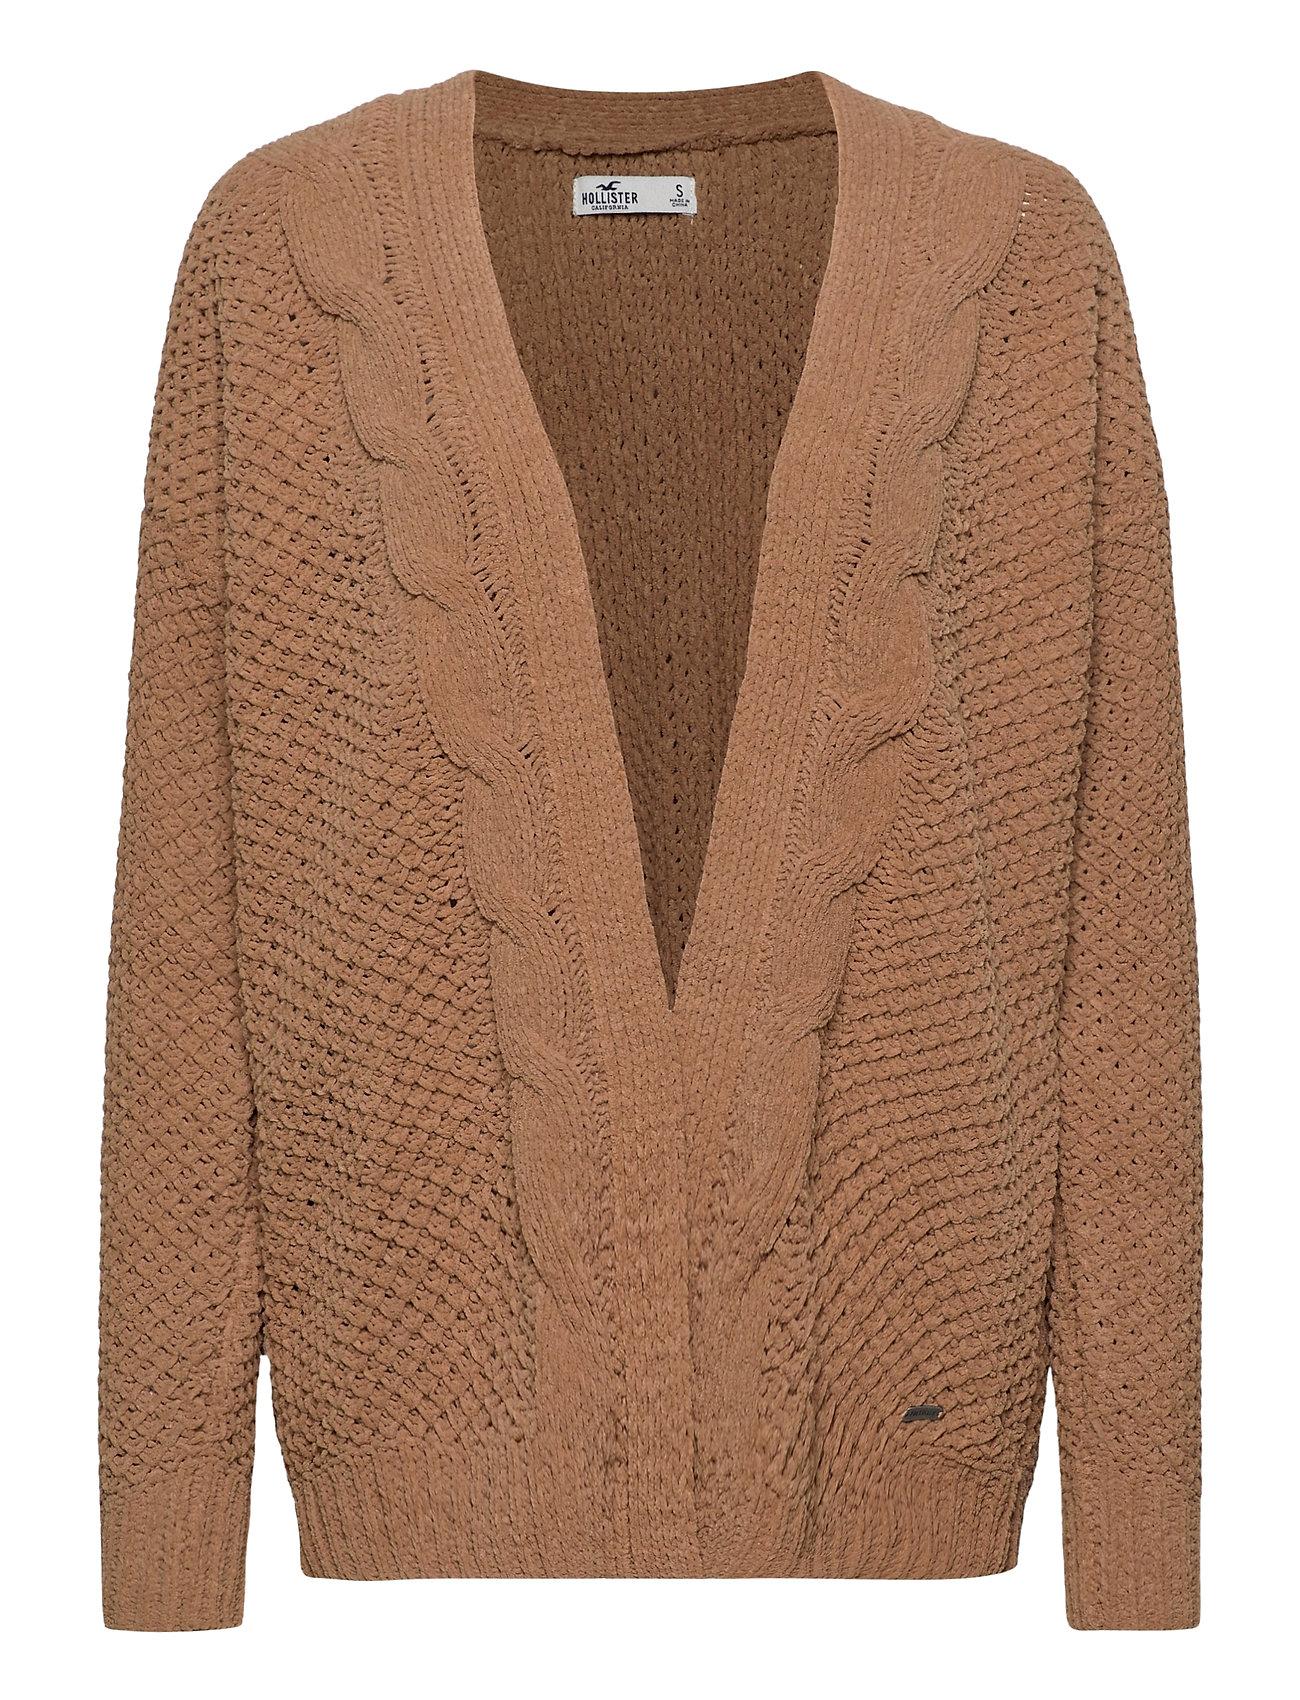 Image of Hco. Girls Sweaters Strikket Trøje Cardigan Brun Hollister (3463722541)